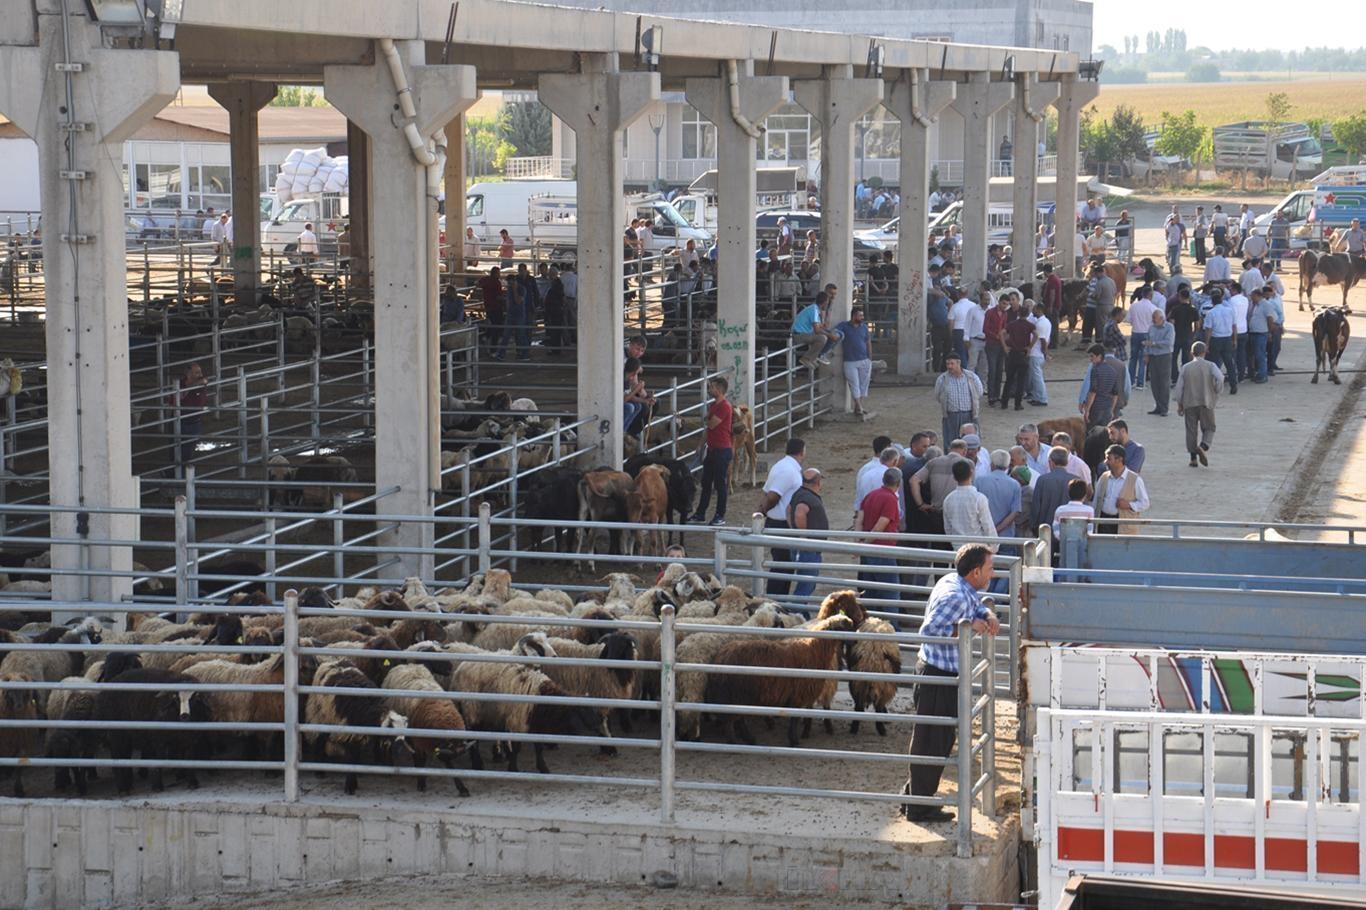 Hayvan pazarı kapatıldı 2 - Hayvan pazarı kapatıldı